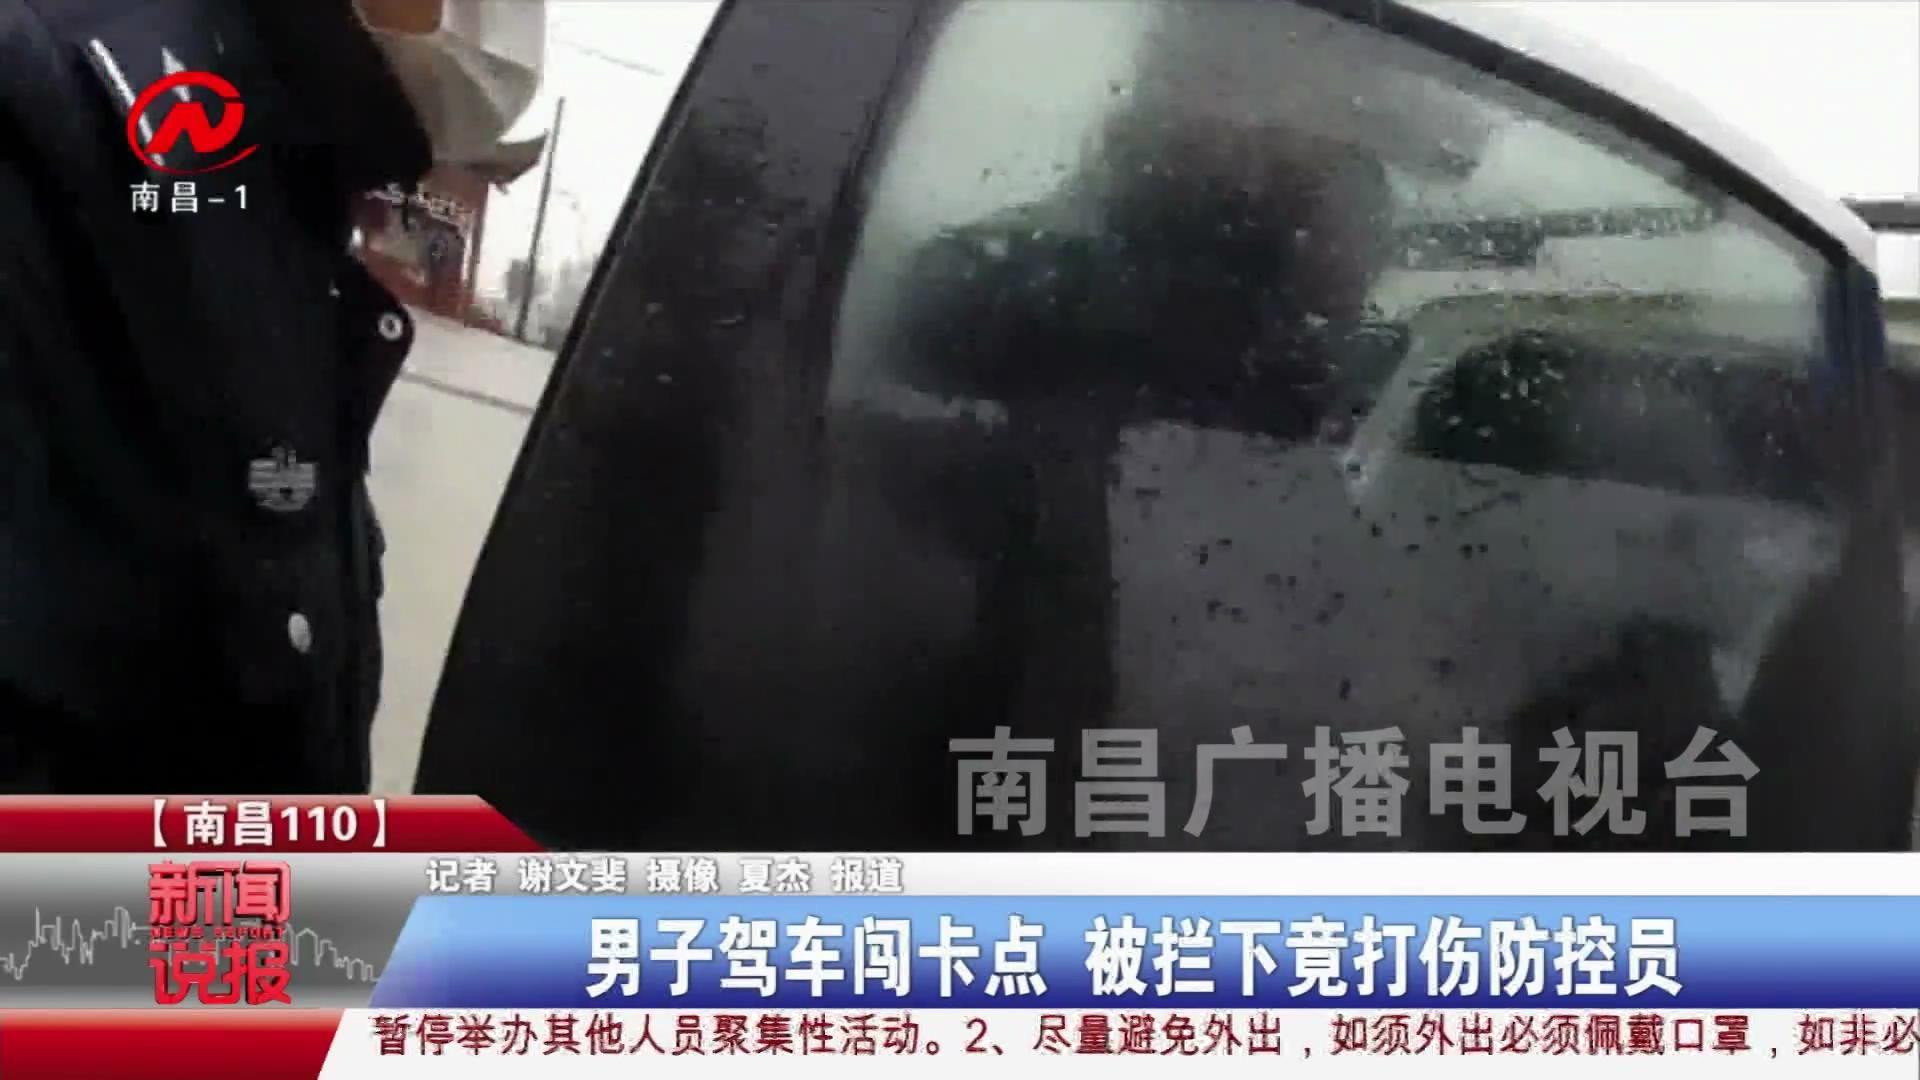 男子驾车闯卡点 被拦下竟打伤防控员